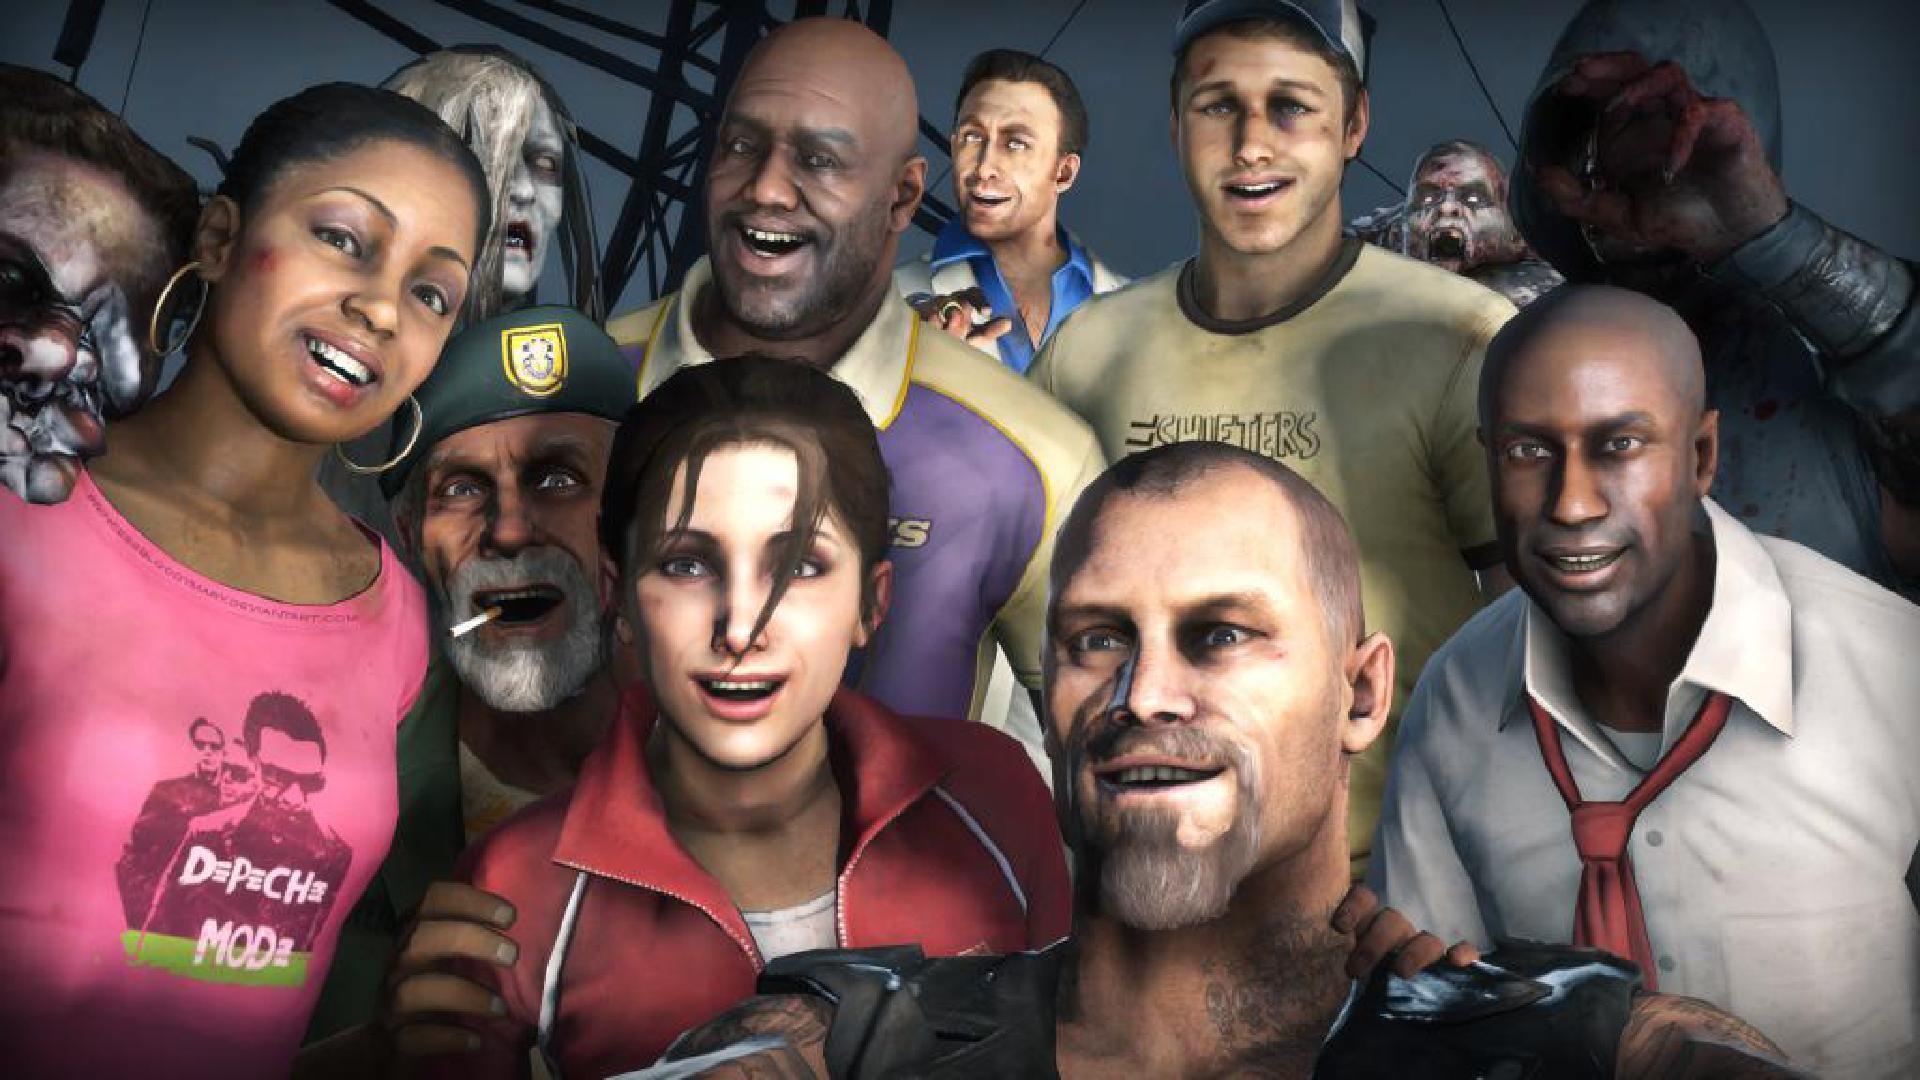 L4D Selfie | Video Games | Left 4 dead game, Left 4 dead